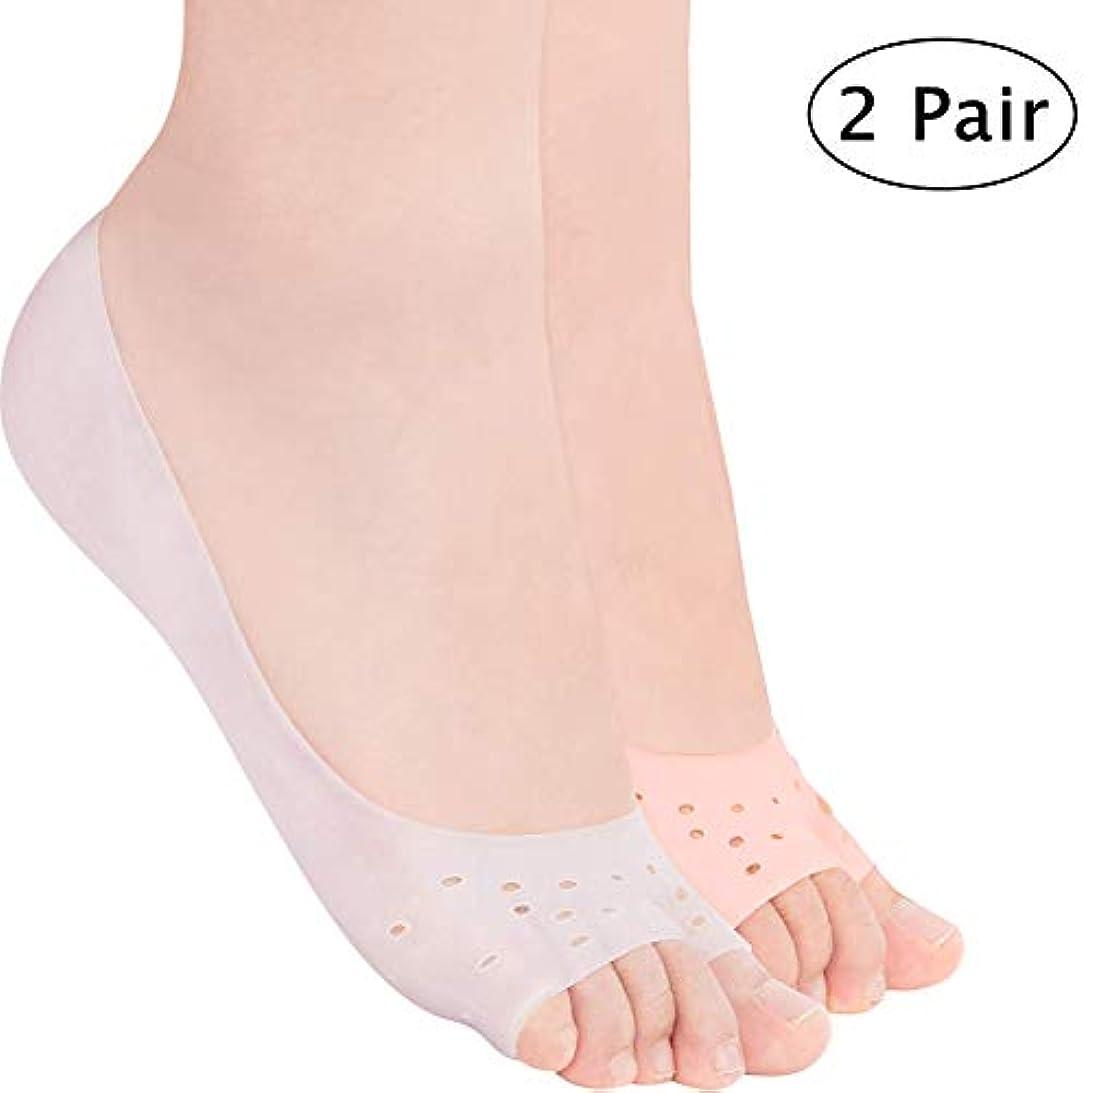 受賞優雅損失美容 保湿 靴下 シリコーン ソックス 弾性ひび 割れを防ぐ 通気穴付き 2足セット